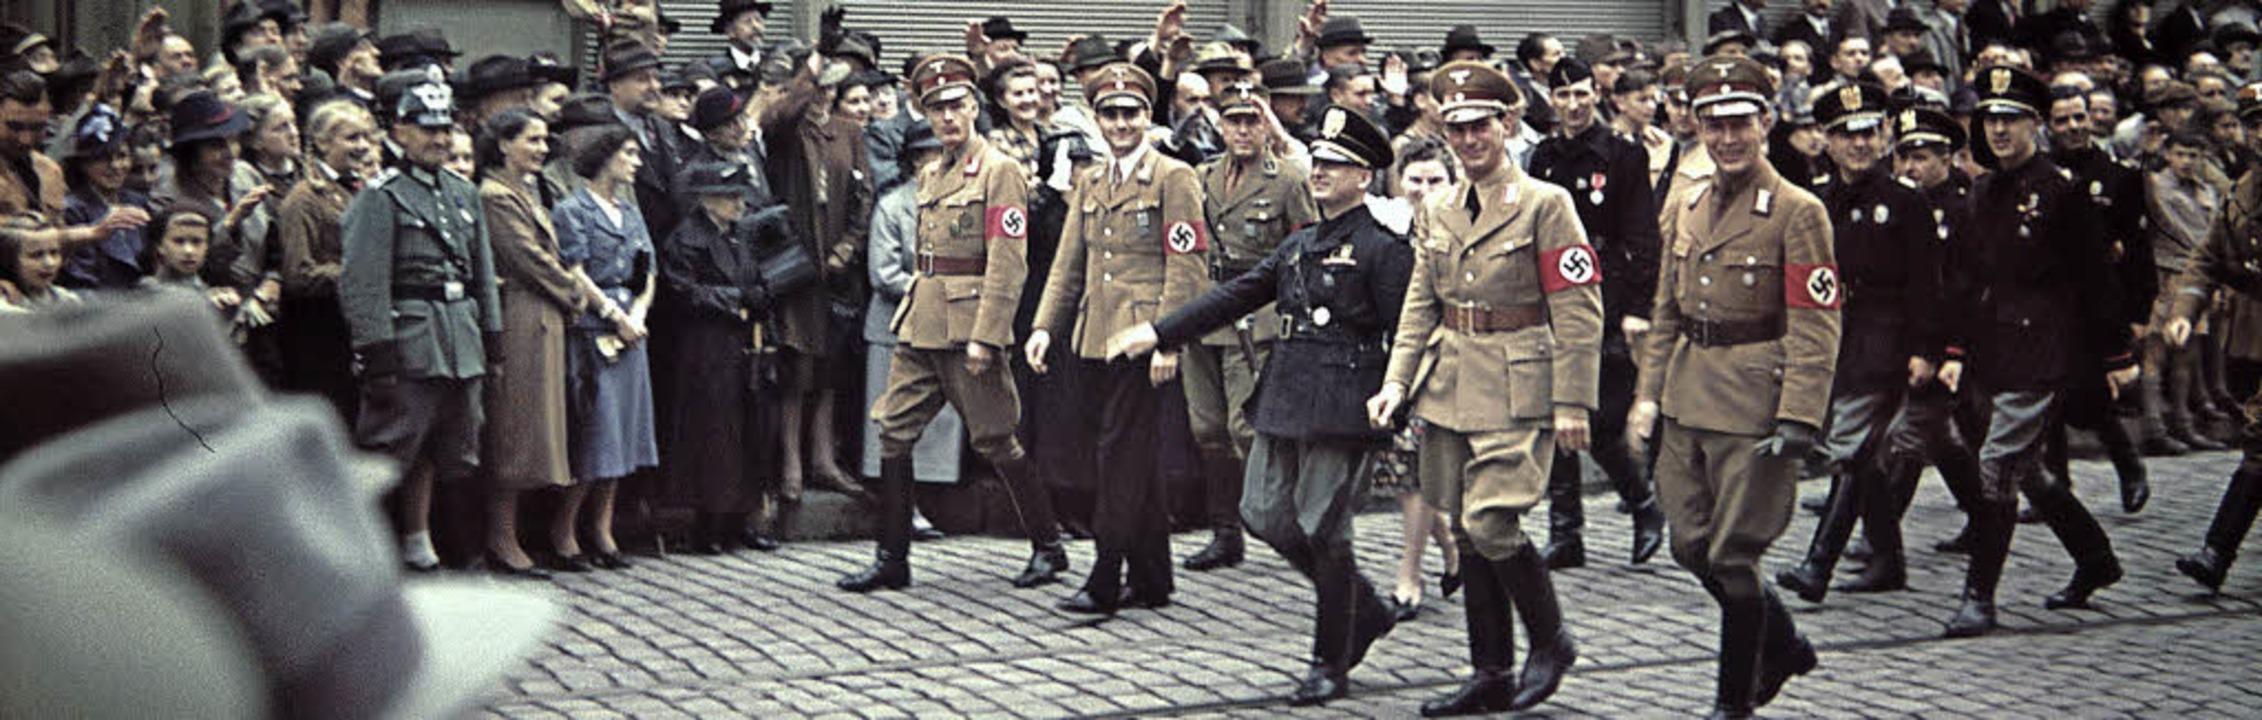 Funktionäre der Faschistischen Industr...r-Straße (heute Kajo) am 3. Juli 1939.    Foto: privat